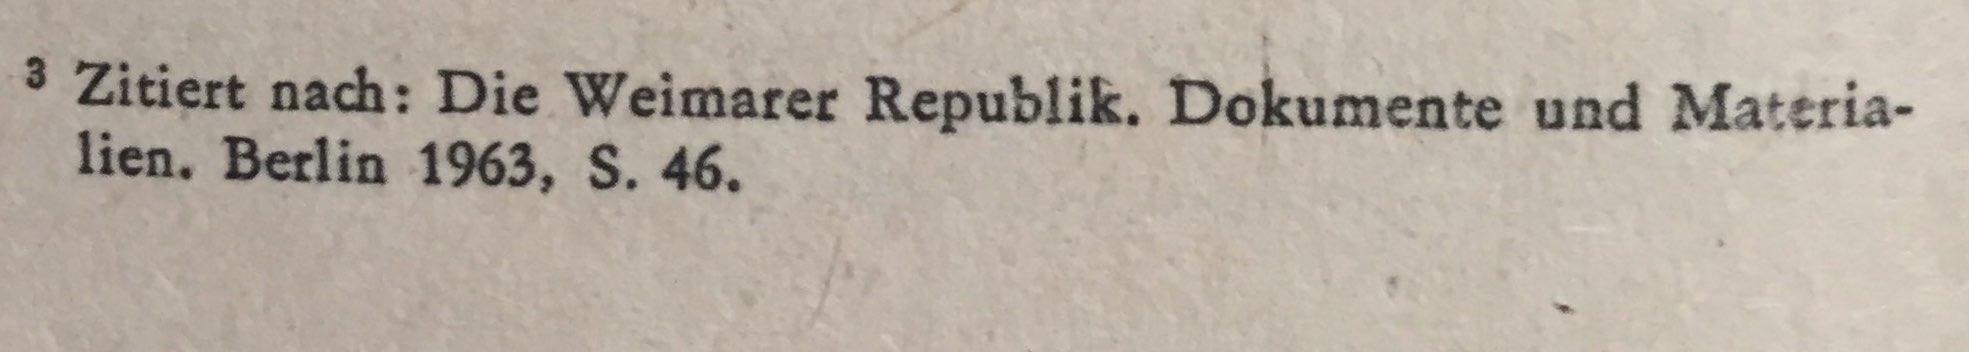 Quellenangabe Brief Max Zeller